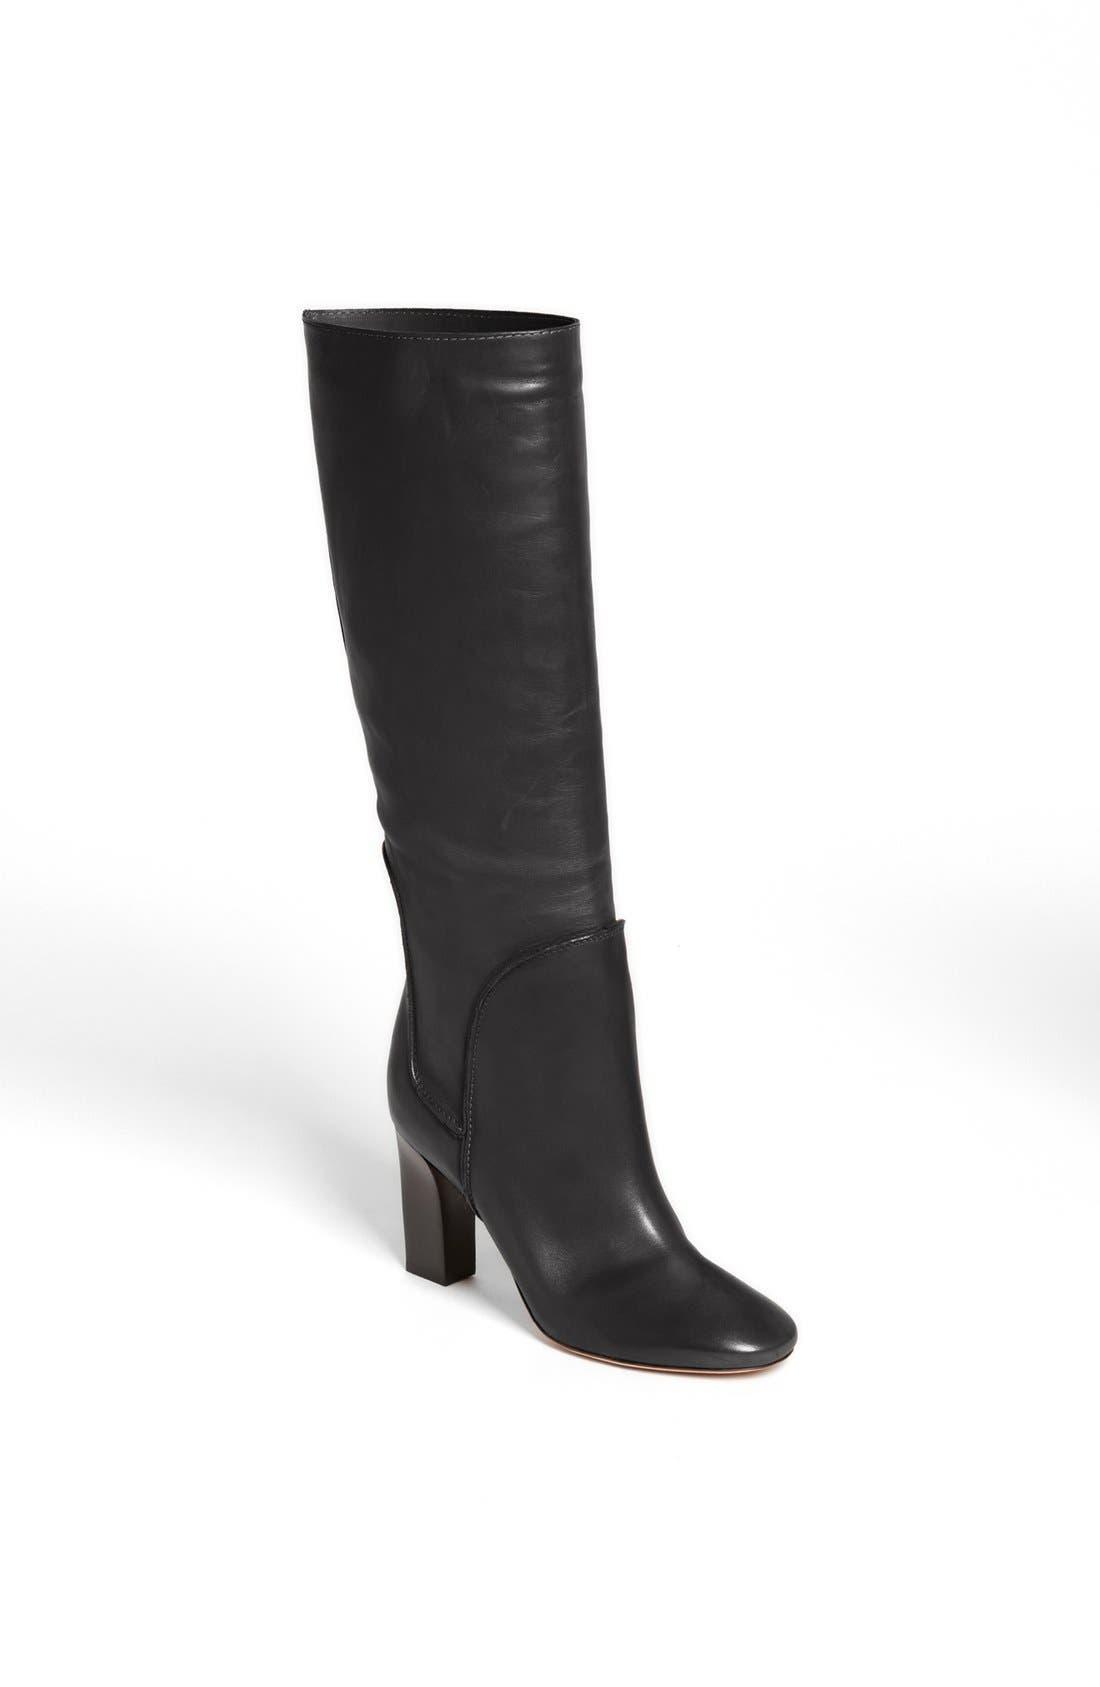 Alternate Image 1 Selected - Diane von Furstenberg 'Genna' Boot